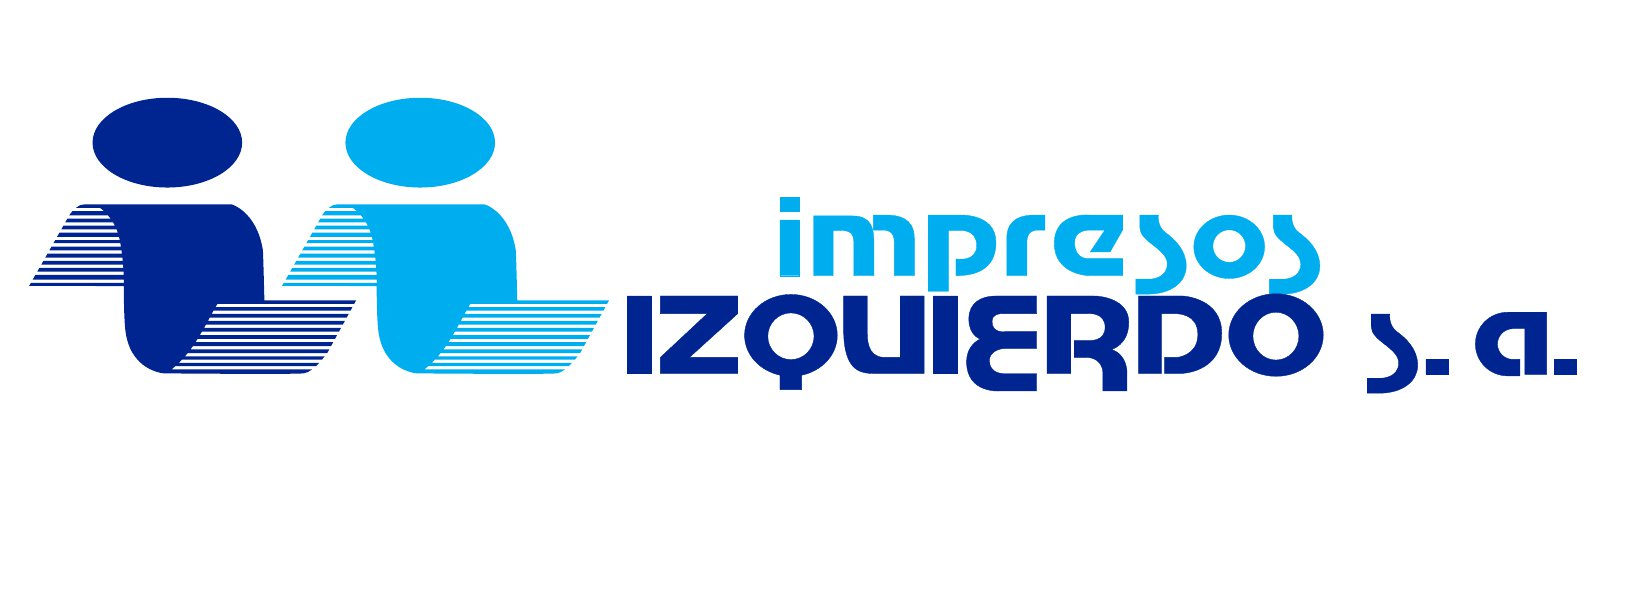 IMPRESOS_IZQUIERDO